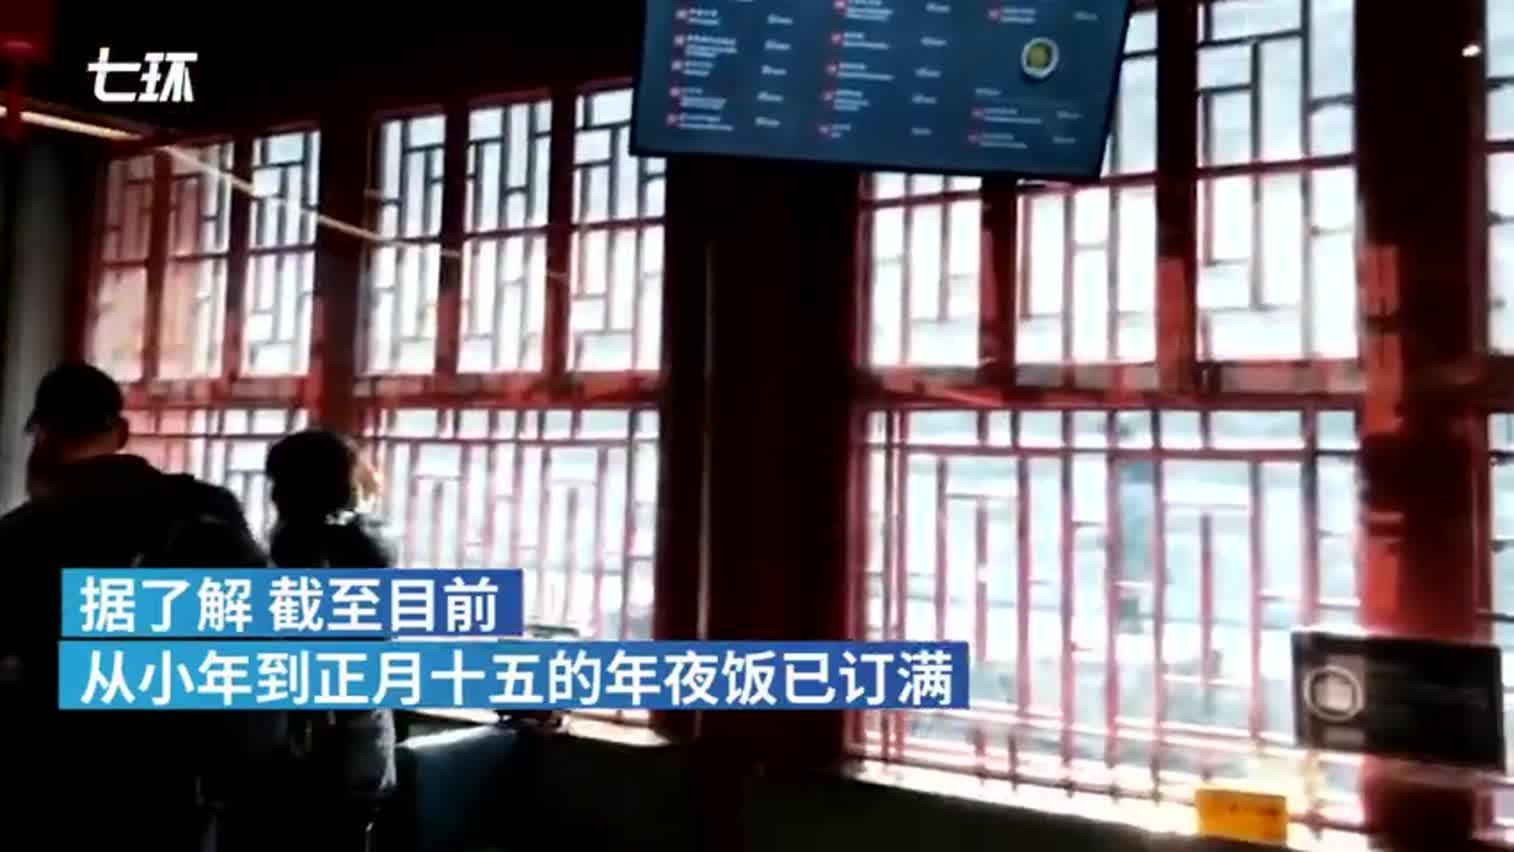 视频-故宫年夜饭每桌6688元:预约开放第一日就